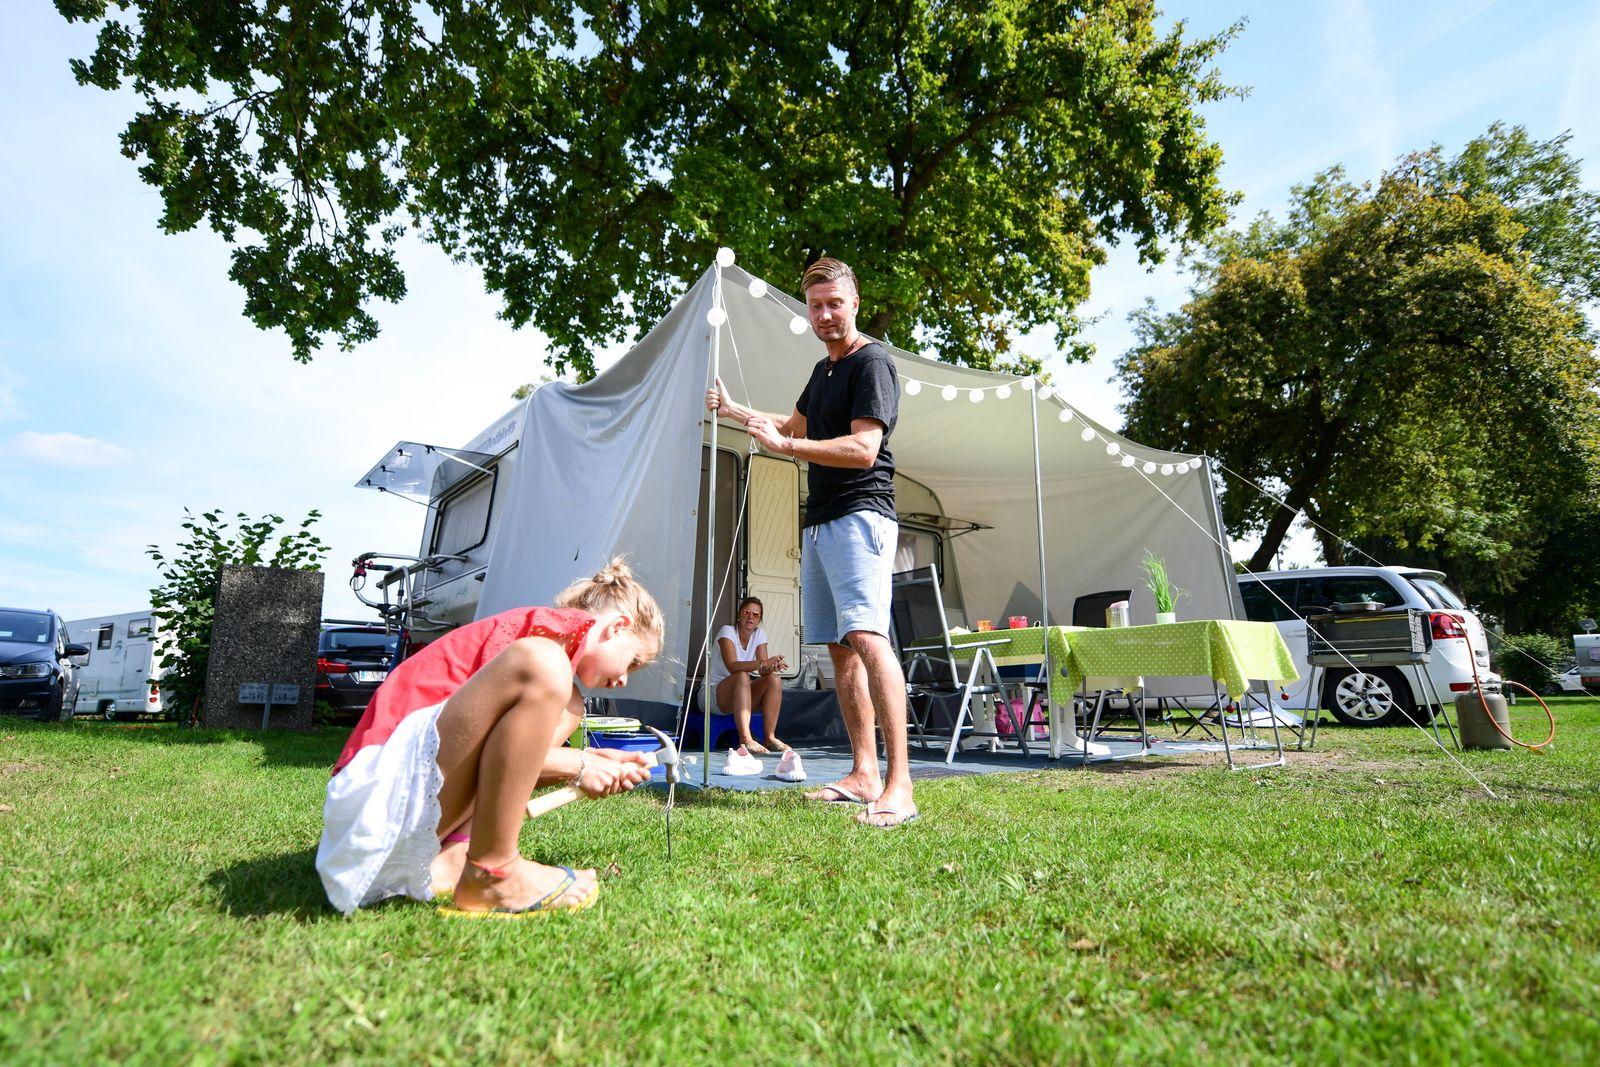 Tipps für Neulinge: Bloß kein Camping-Urlaub - oder doch?!